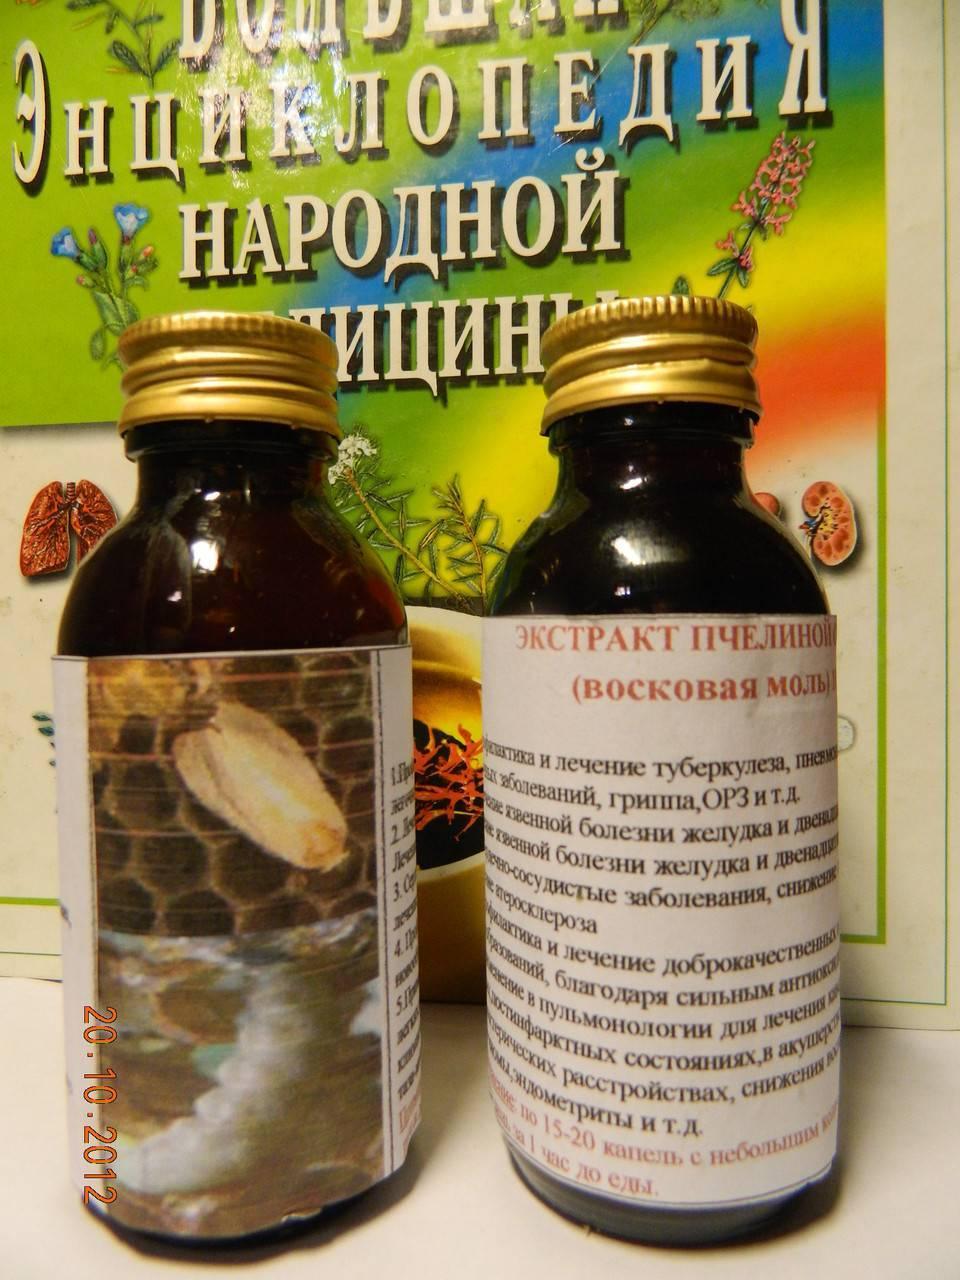 Восковая моль - применение - инструкция - апиариум